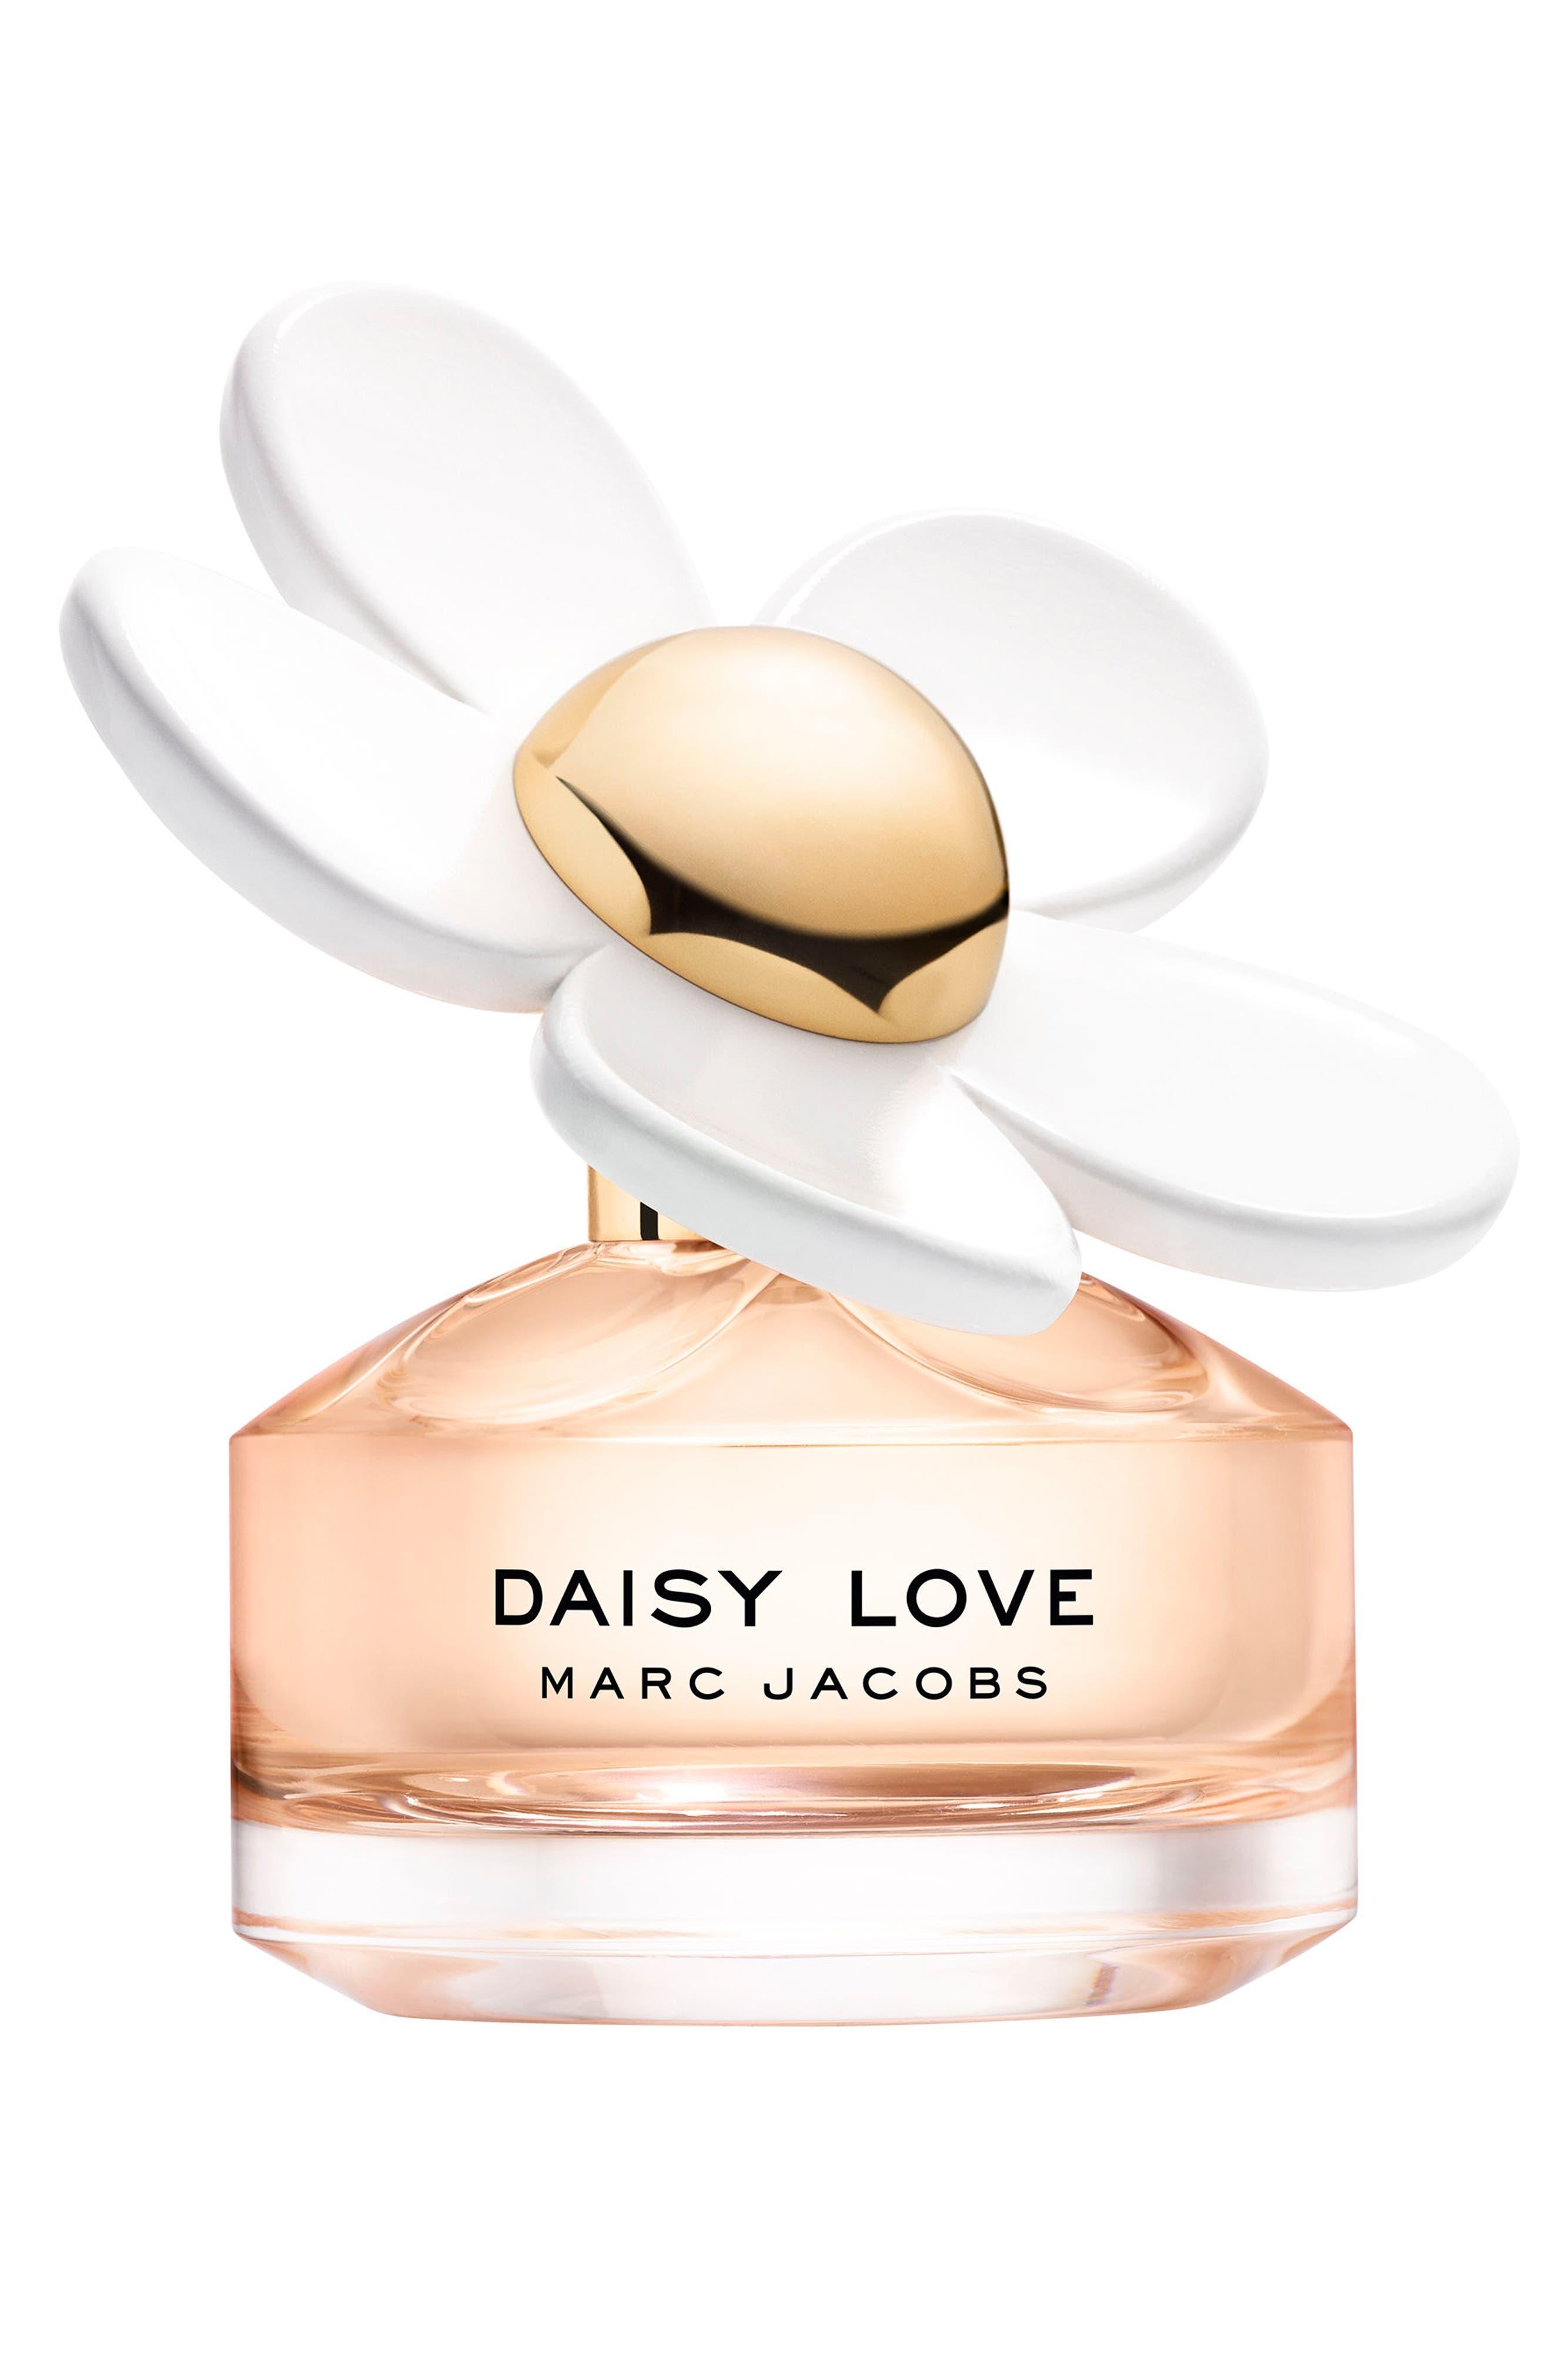 Daisy Love Eau de Toilette,                             Main thumbnail 1, color,                             000